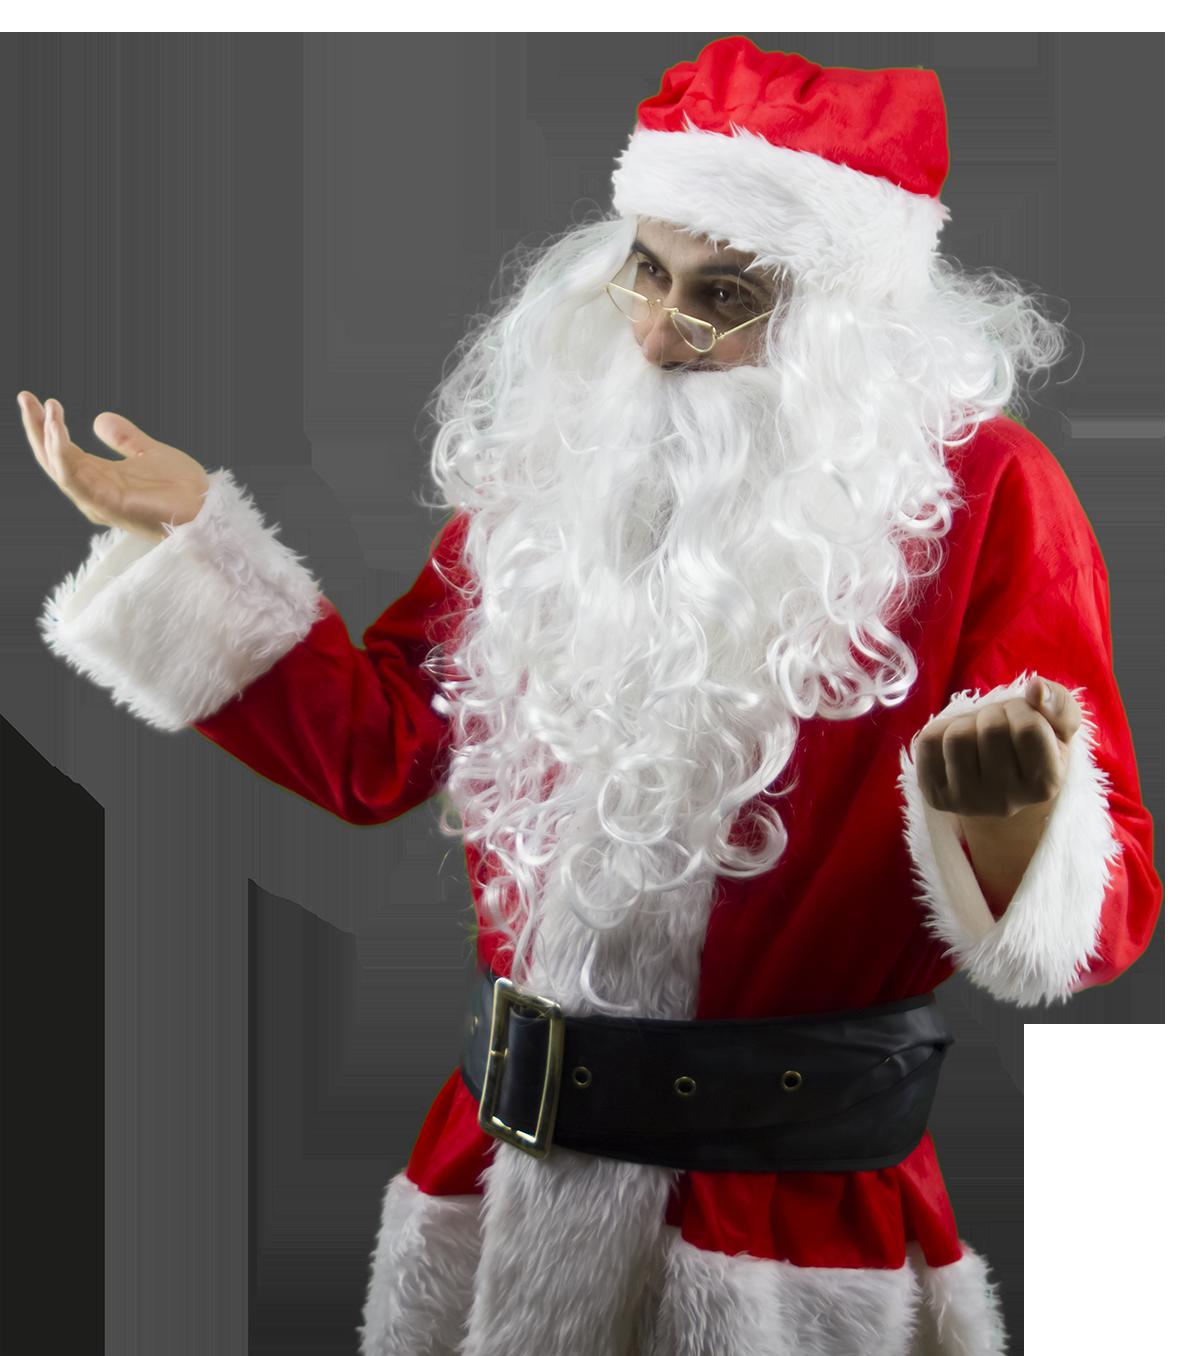 L Apprendista Di Babbo Natale.L Apprendista Babbo Natale Per La Stagione Dei Ragazzi Oggi A Parma